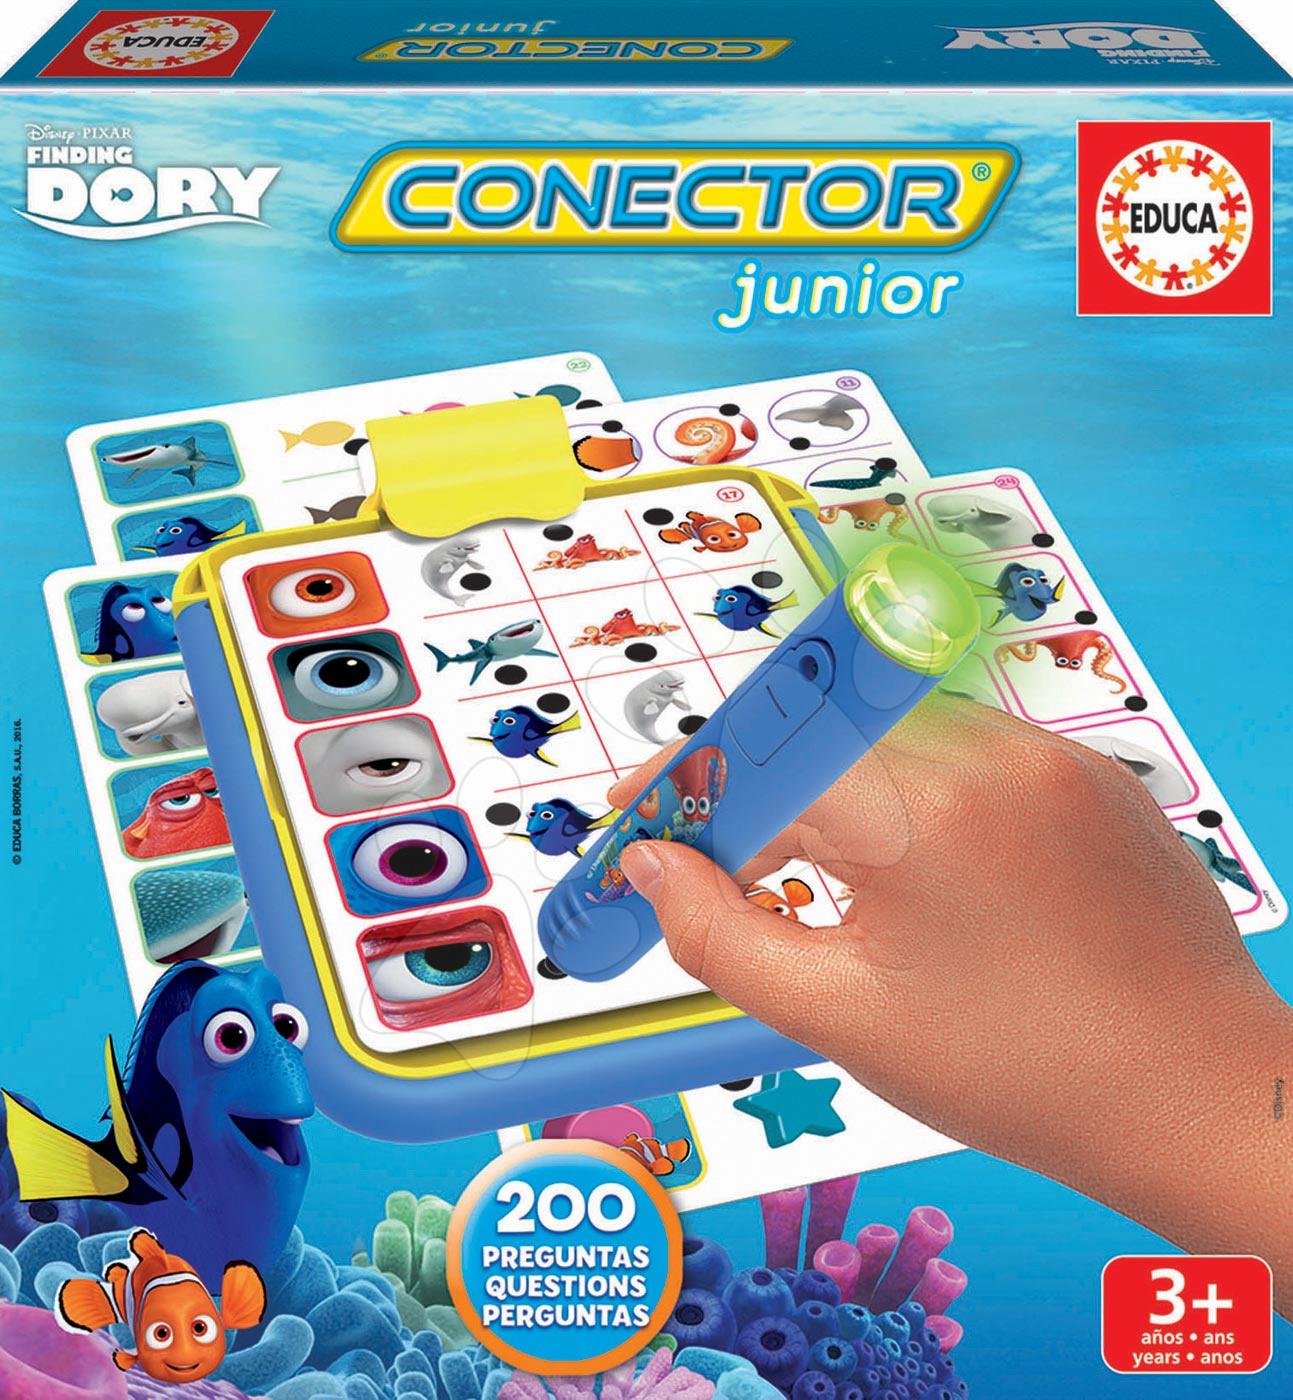 833cd4fdf Spoločenská hra Hľadá sa Dory Conector junior Educa 40 kariet a 200 otázok  s inteligentným perom